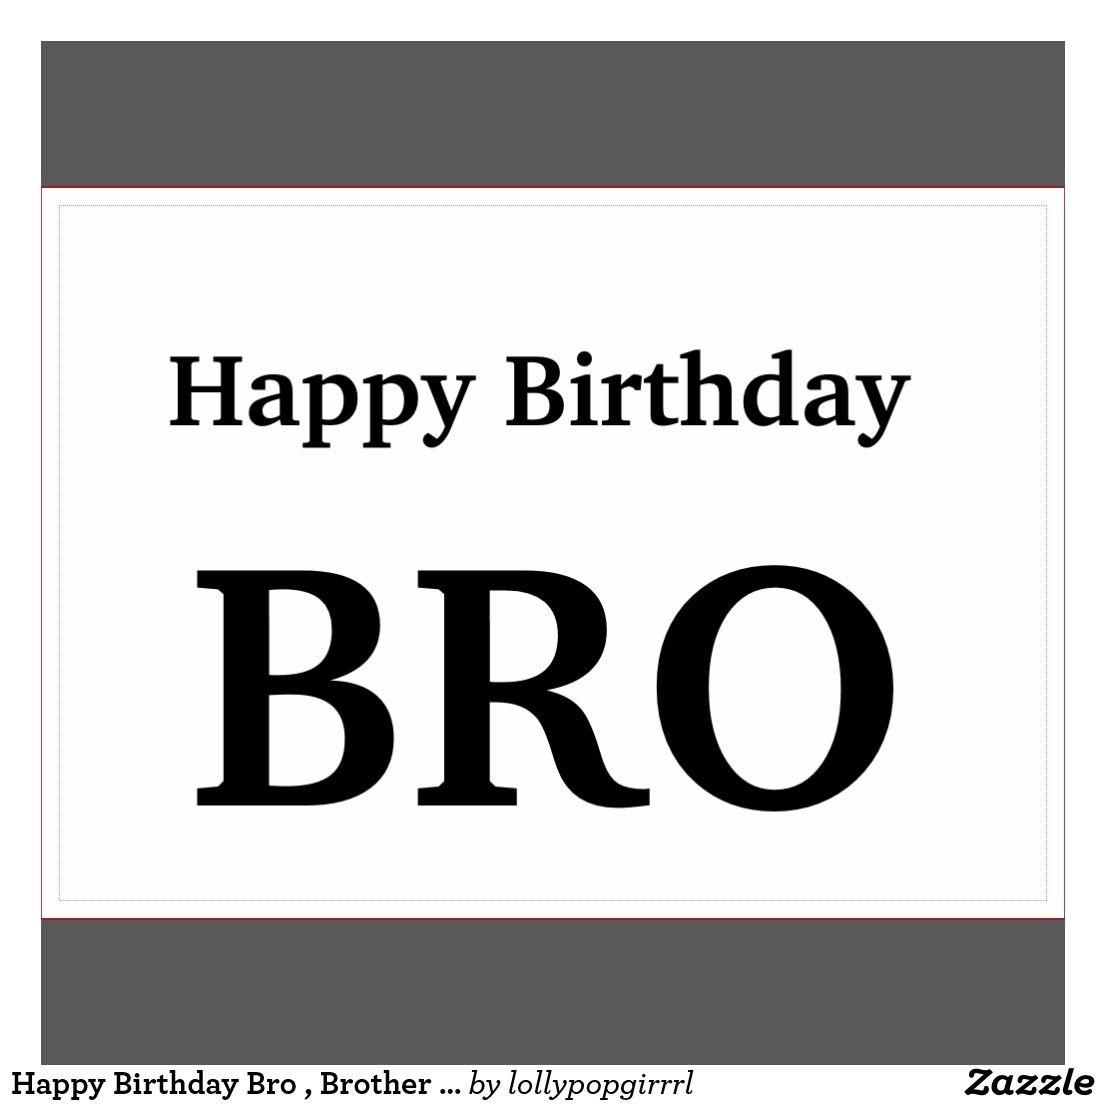 Geburtstagswunsche Bruder 50 Awesome Alles Gute Zum Geburtstag Bruder Alles Geburtstagsgeschenke Karten